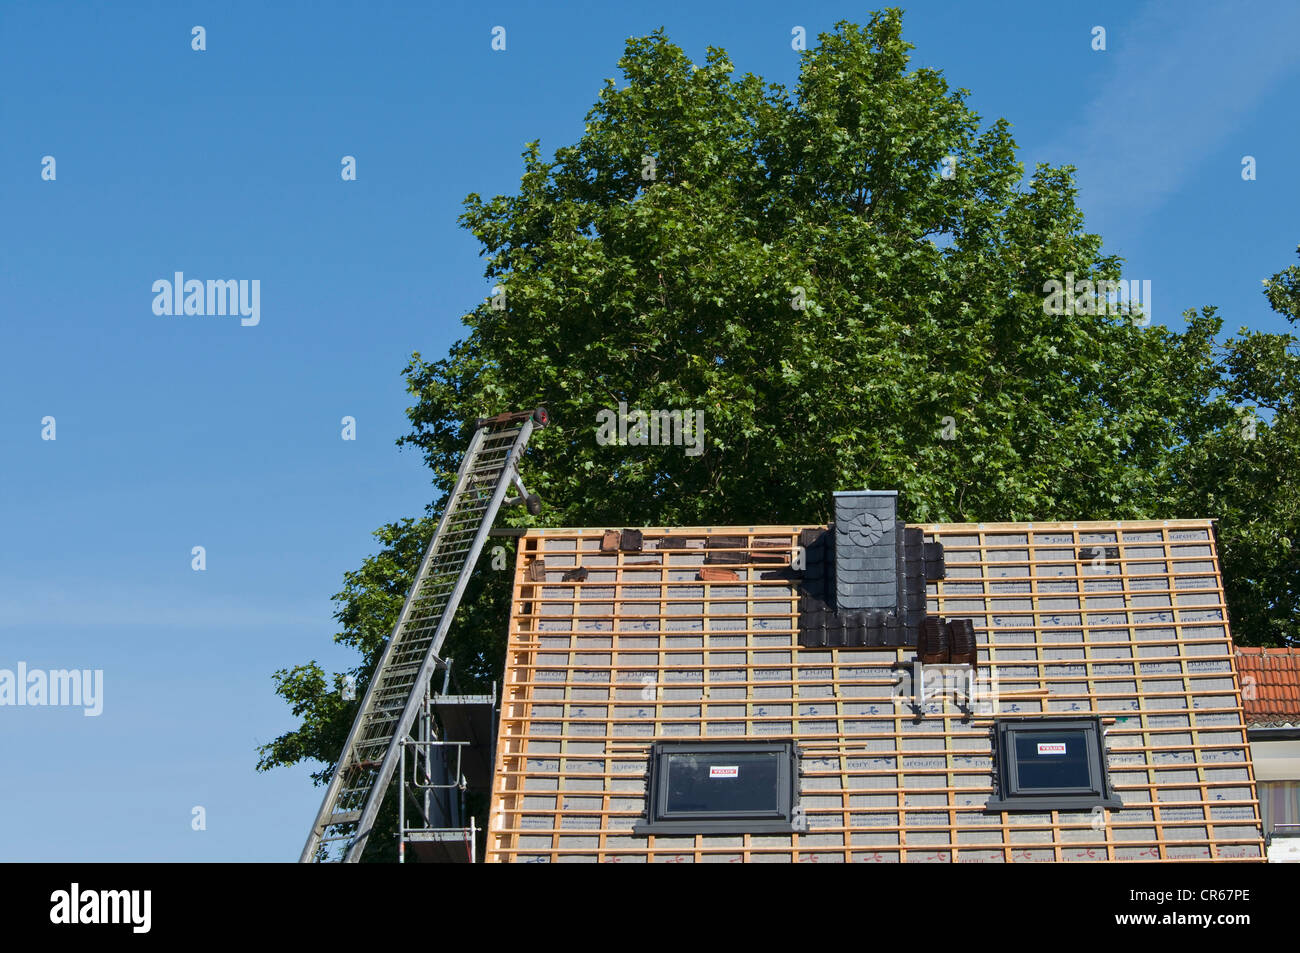 Toit exposé avec de nouveaux chevrons et un monte-charge, nouvelle construction du toit sur une maison, la Photo Stock